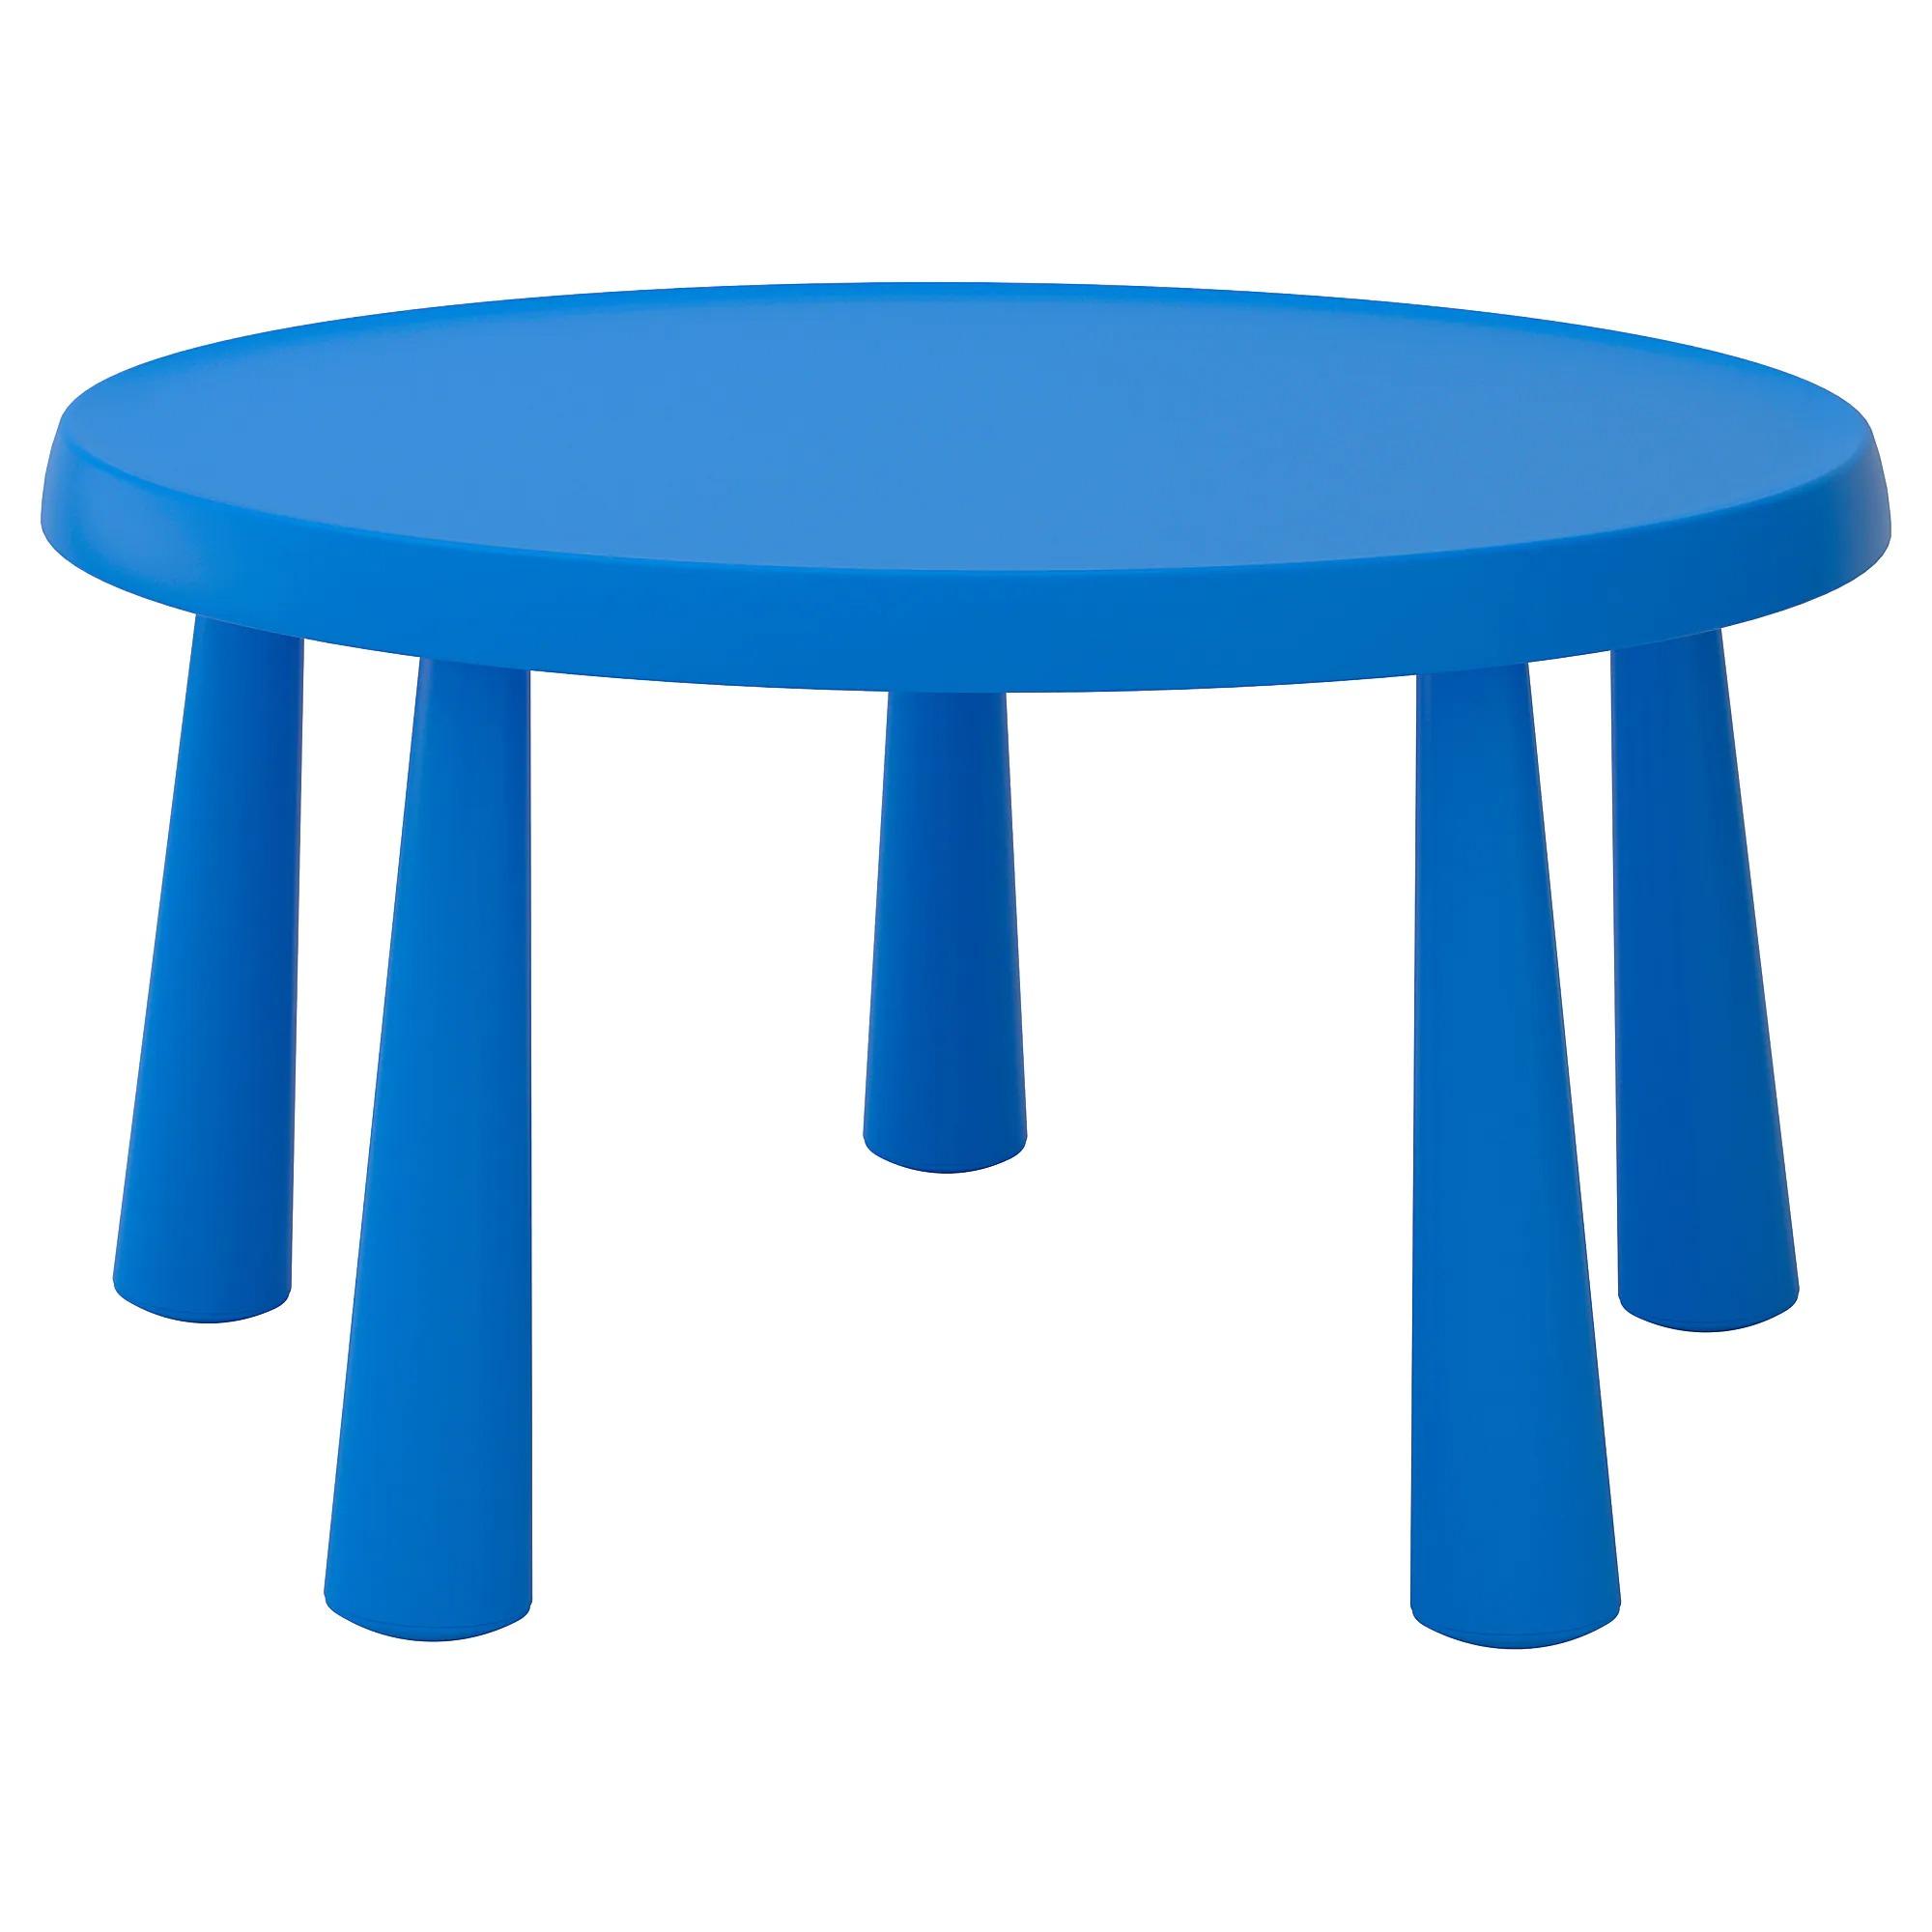 キッズテーブルのおすすめ14選!椅子セットや高さ調節タイプも